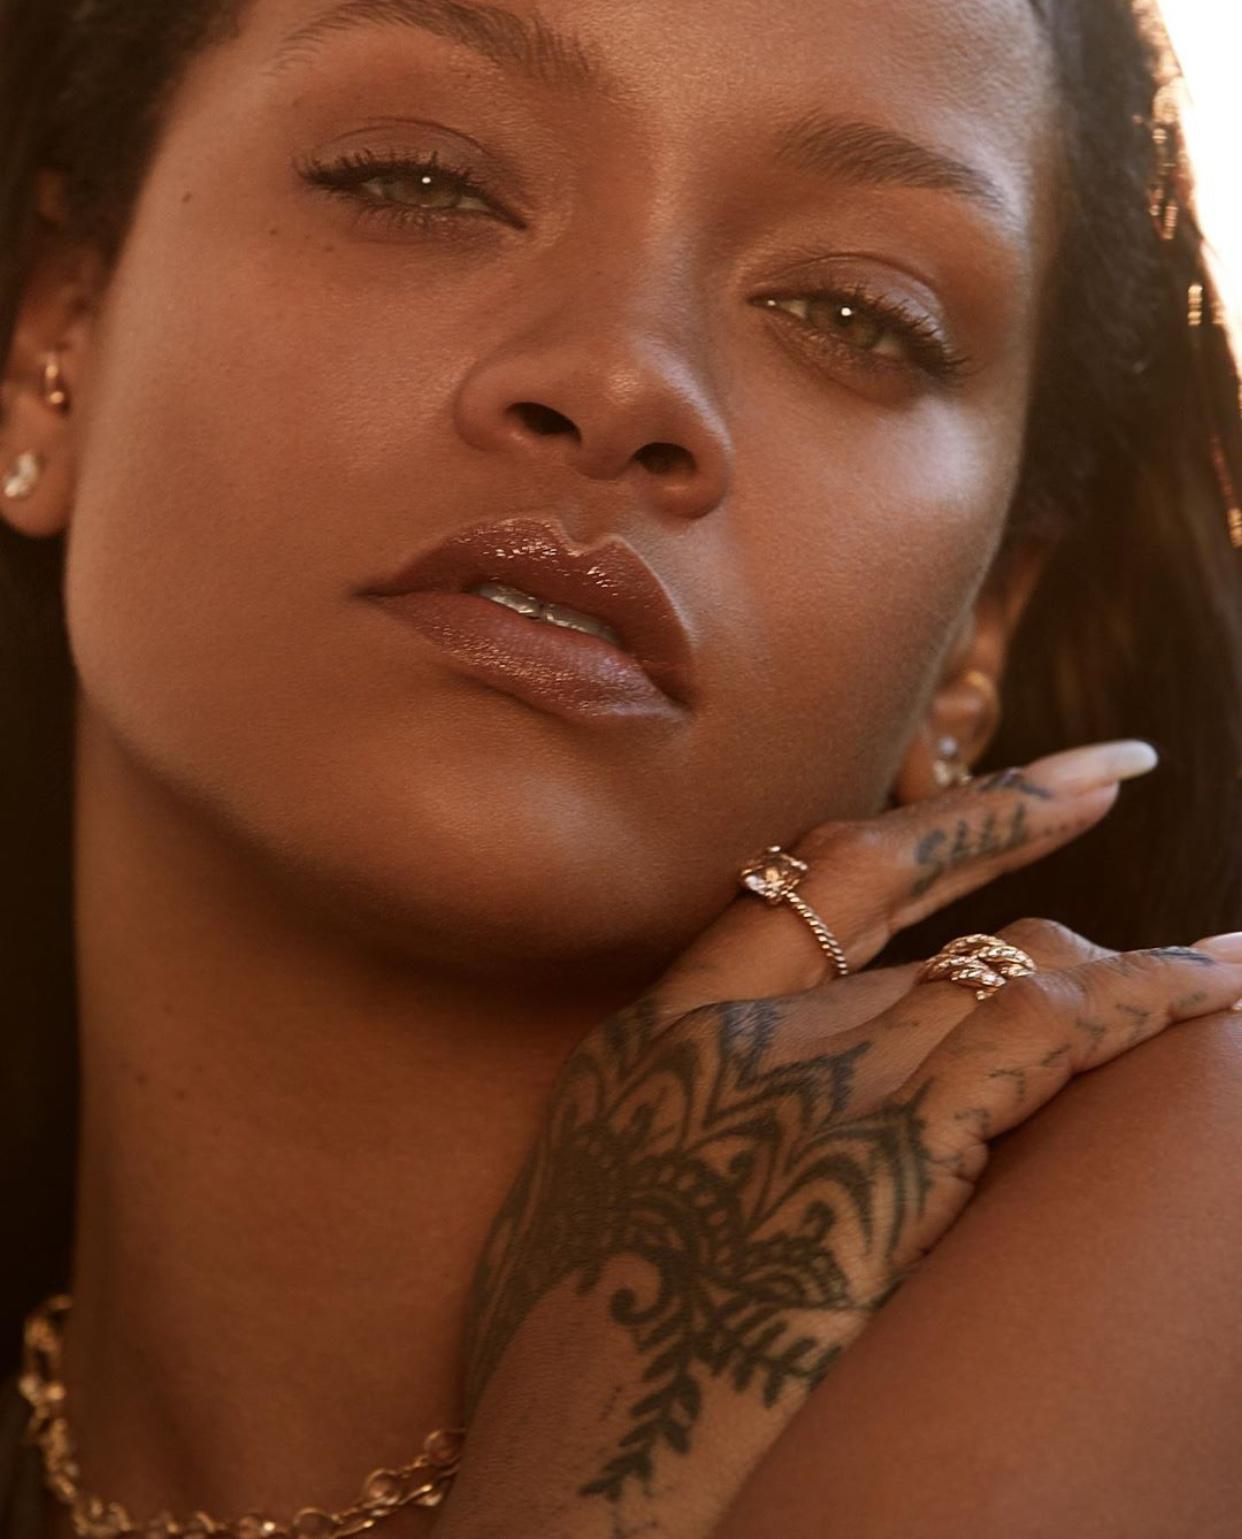 Rihanna expande su imperio: Fenty Skin, su colección de cuidado facial